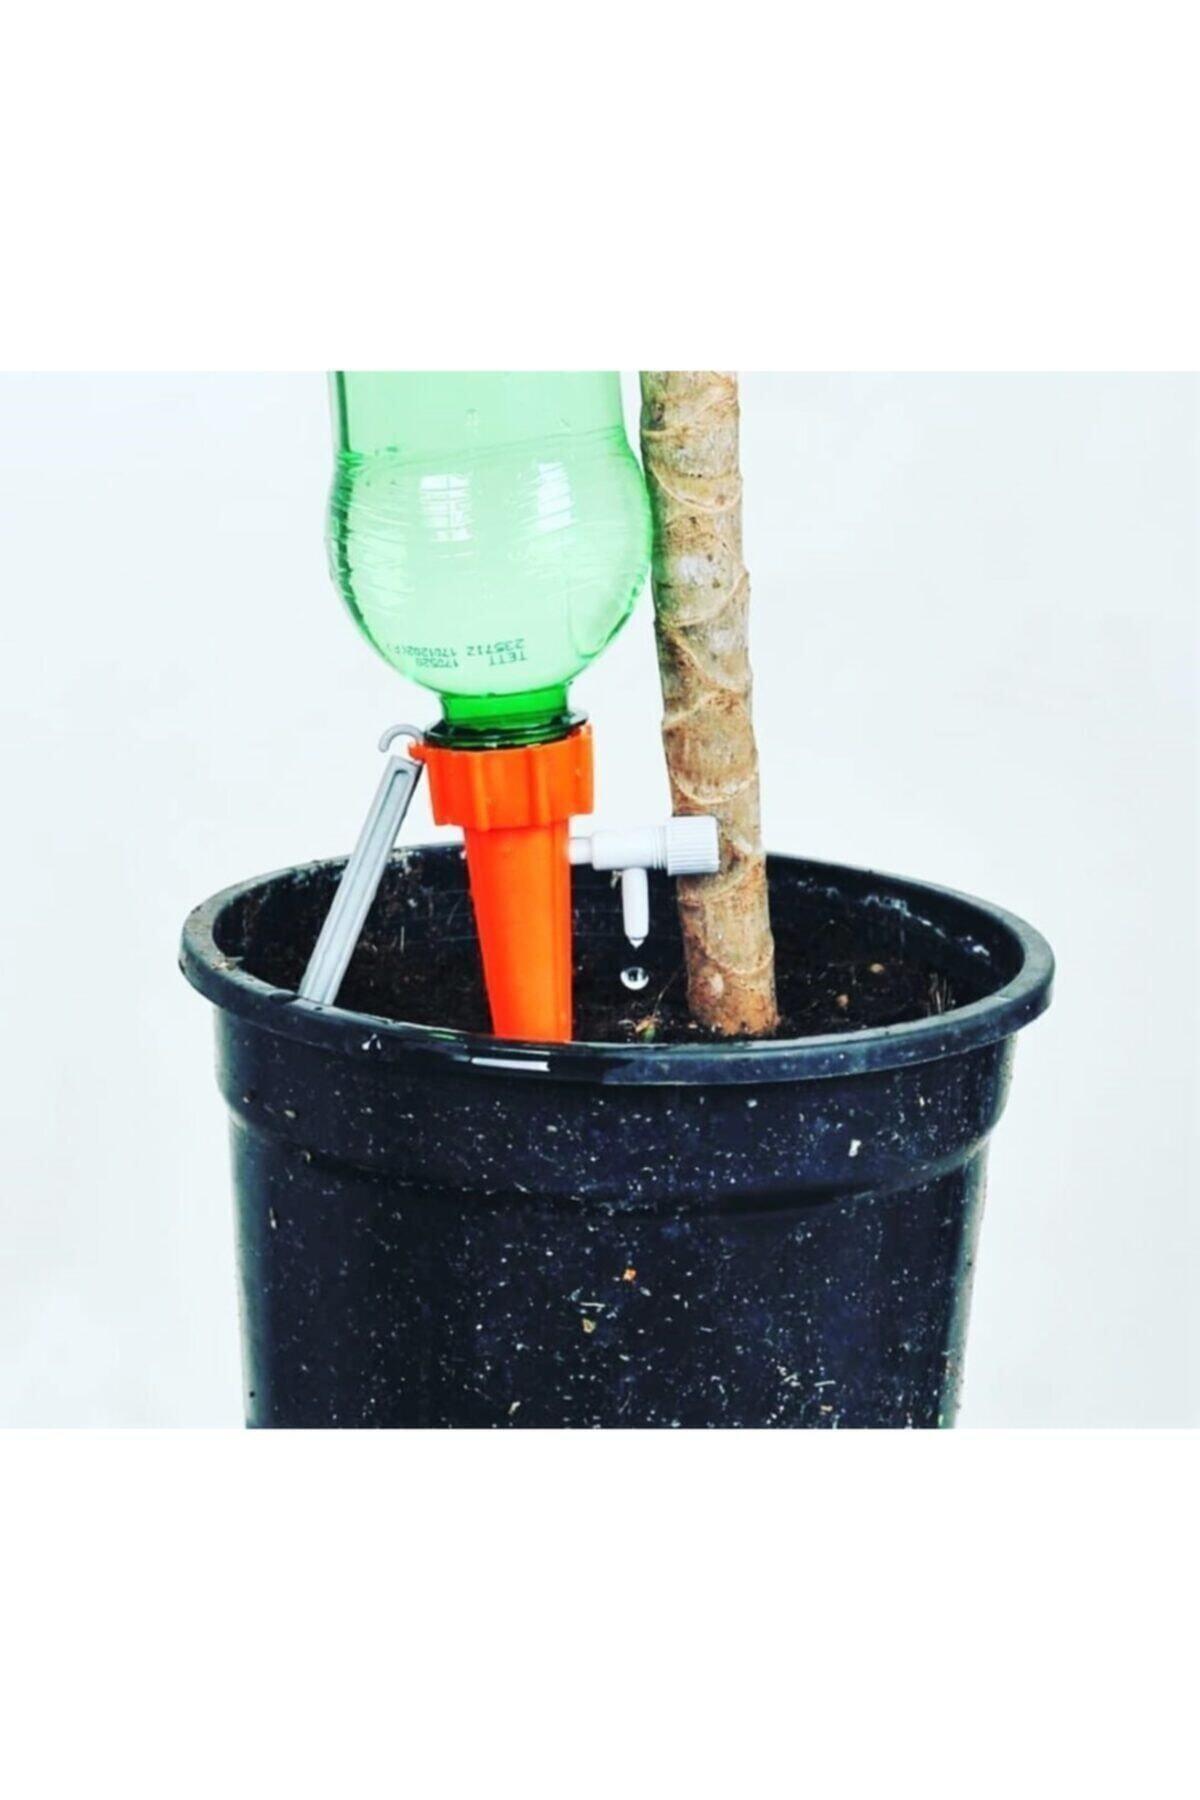 5 Adet  Musluklu Zaman Ayarlı Çiçek Bitki Sulama Aparatı